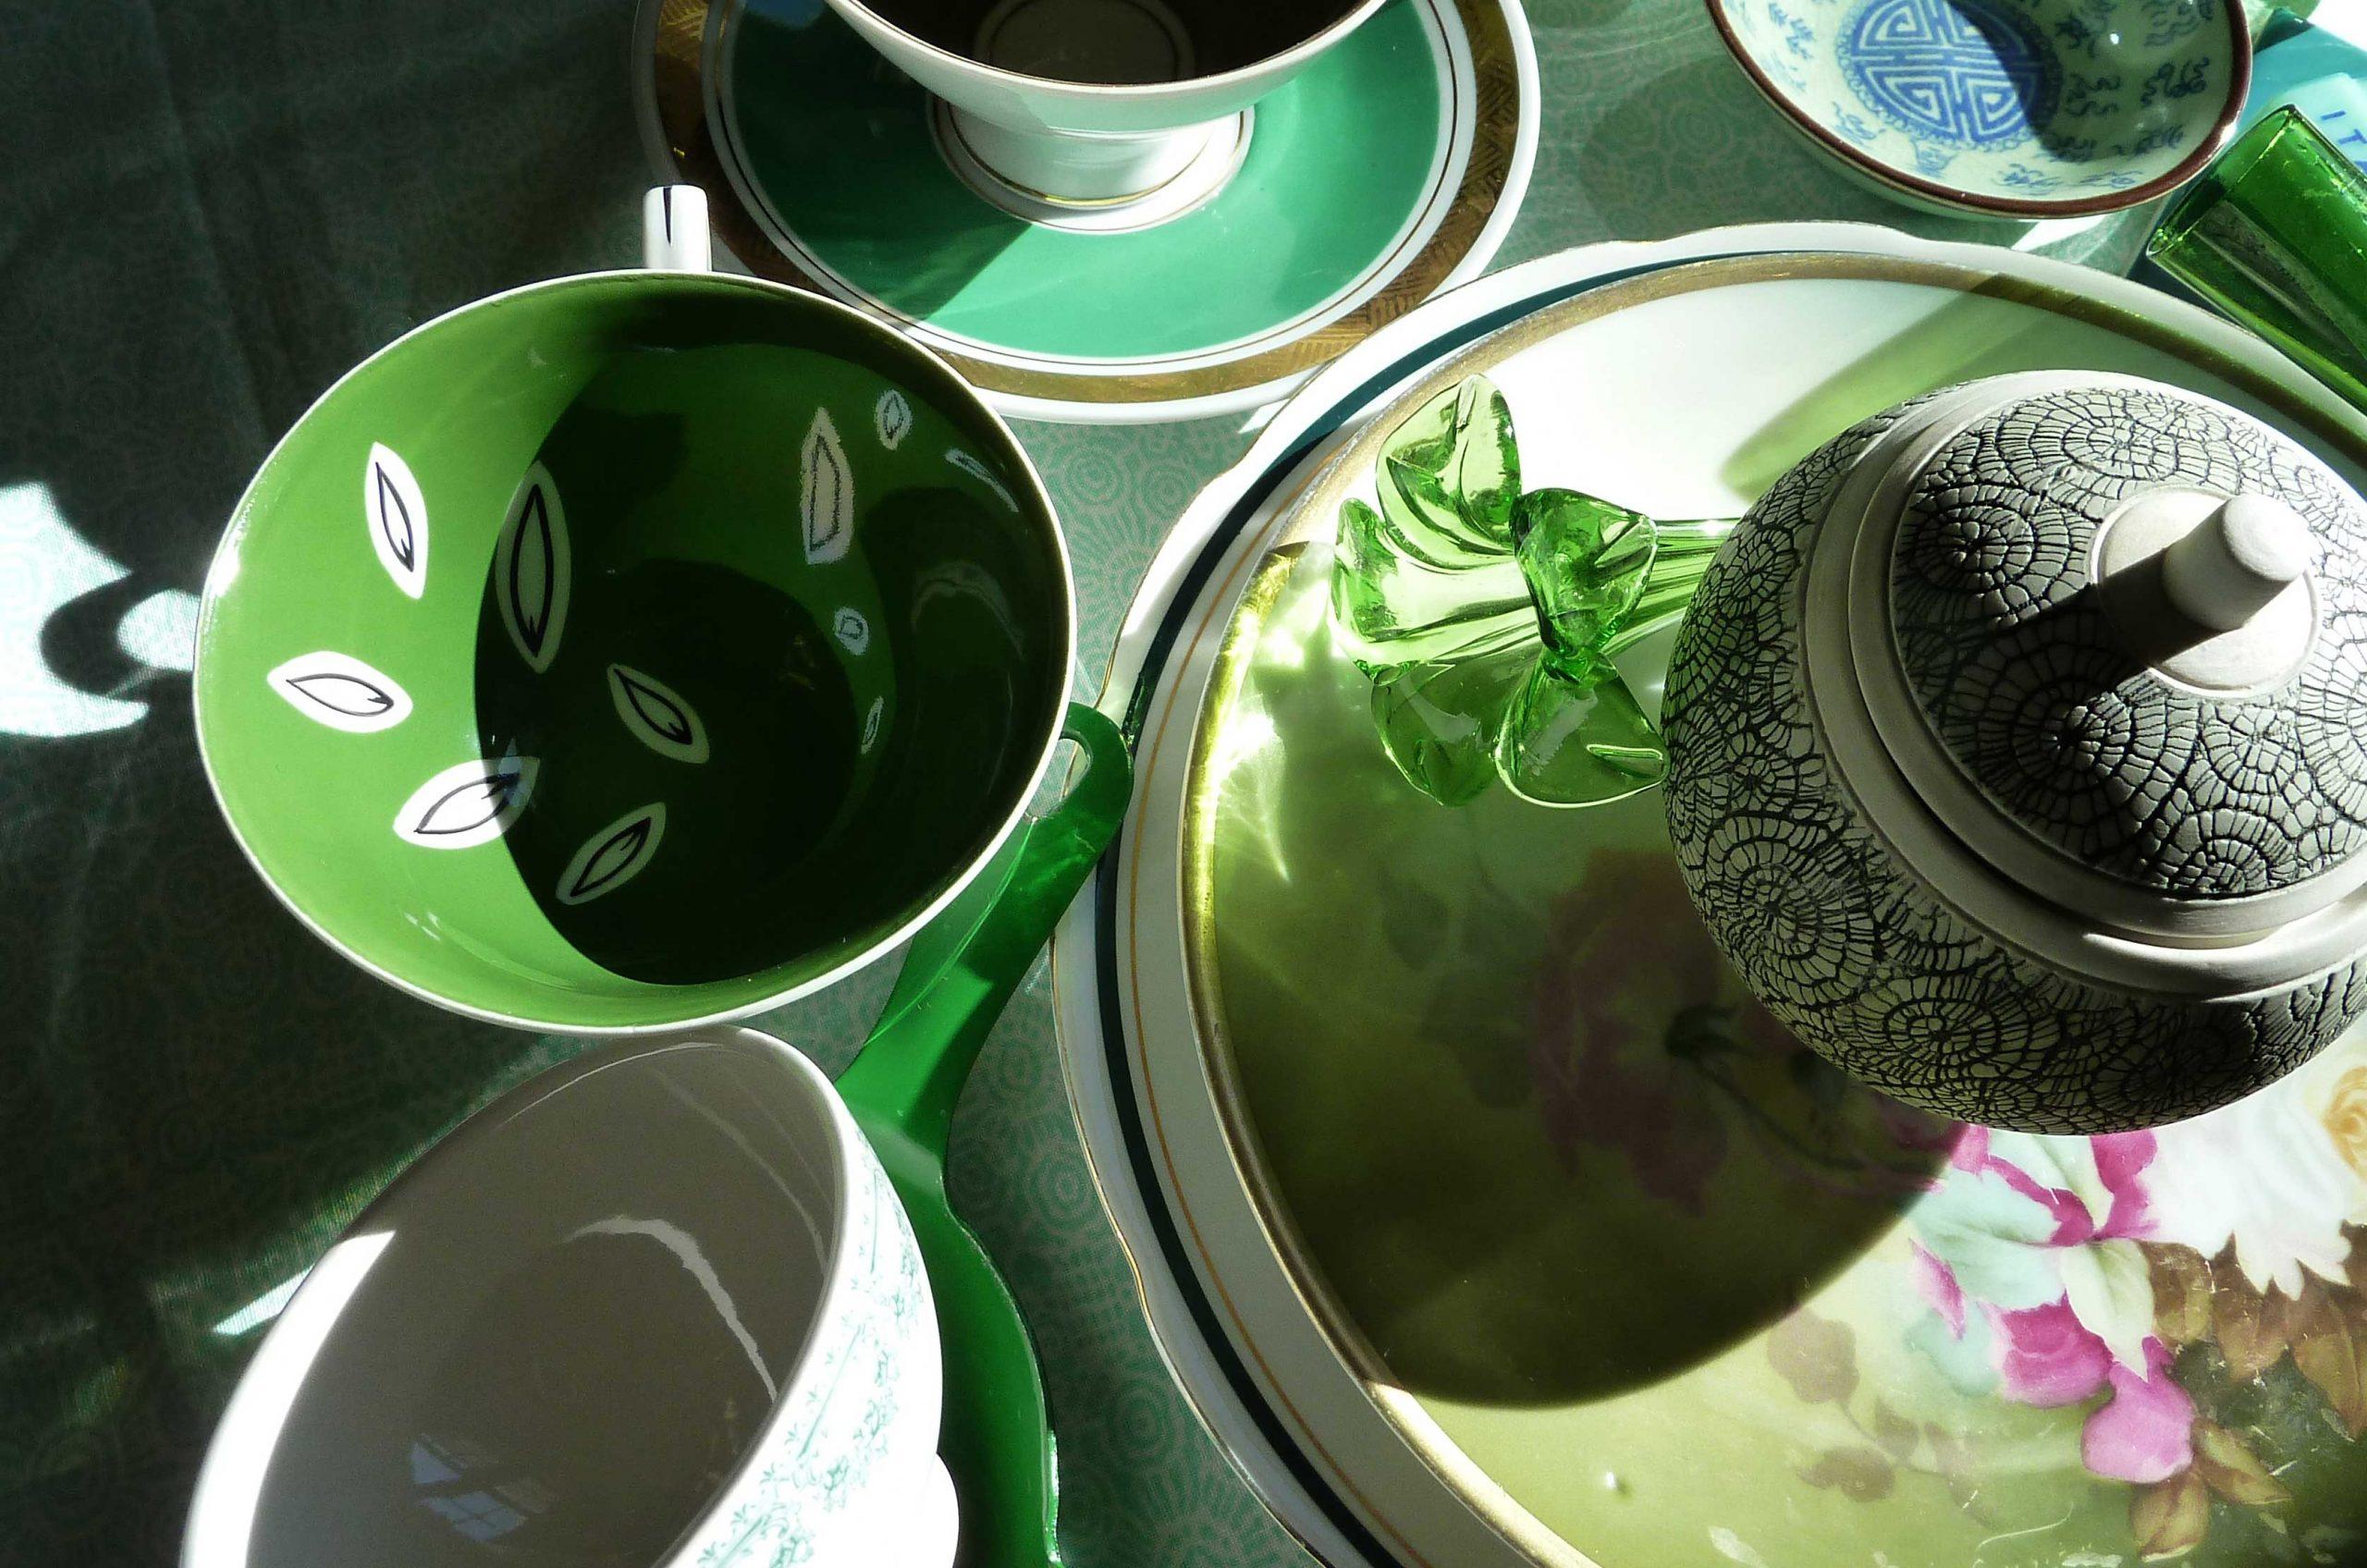 Grünes Glas und Porzellan in starken Licht Schatten Kontrasten